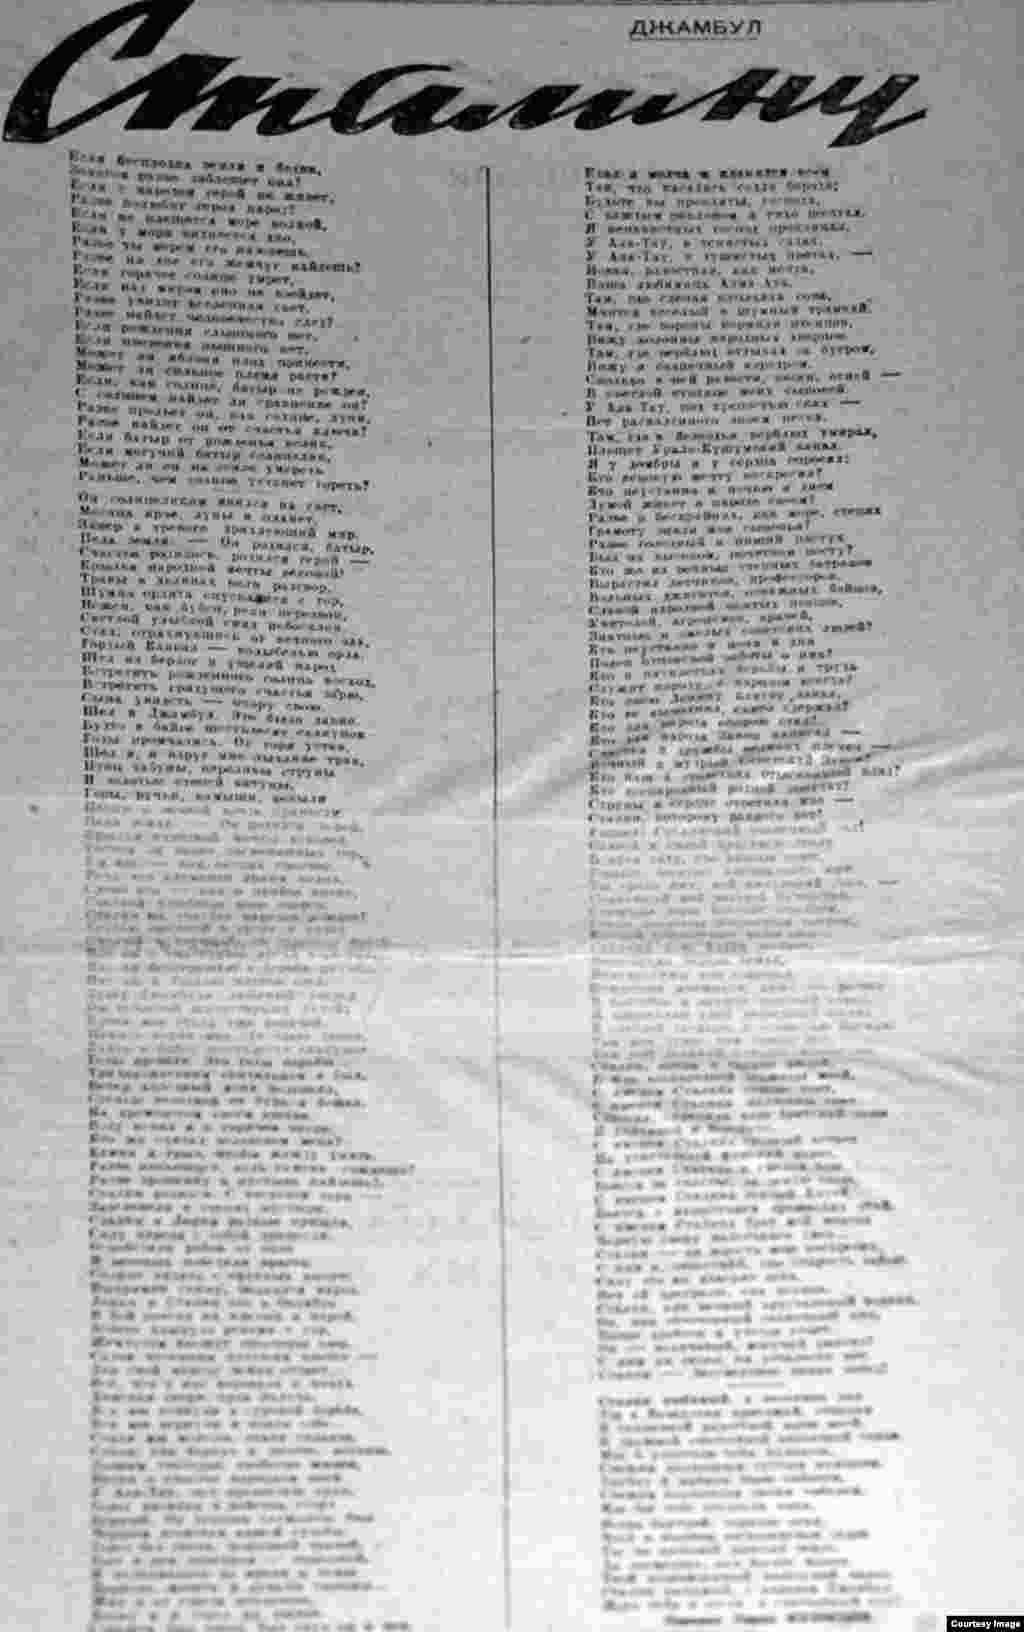 Самым значительным по объему оказалось творение «Сталину» Джамбула Джабаева. Поэт-акын откликался на все более или менее значимые события современной ему жизни. Чтобы произведение полностью попало в кадр, репортеру пришлось отойти на шаг от стола, на котором лежала подшивка газеты.